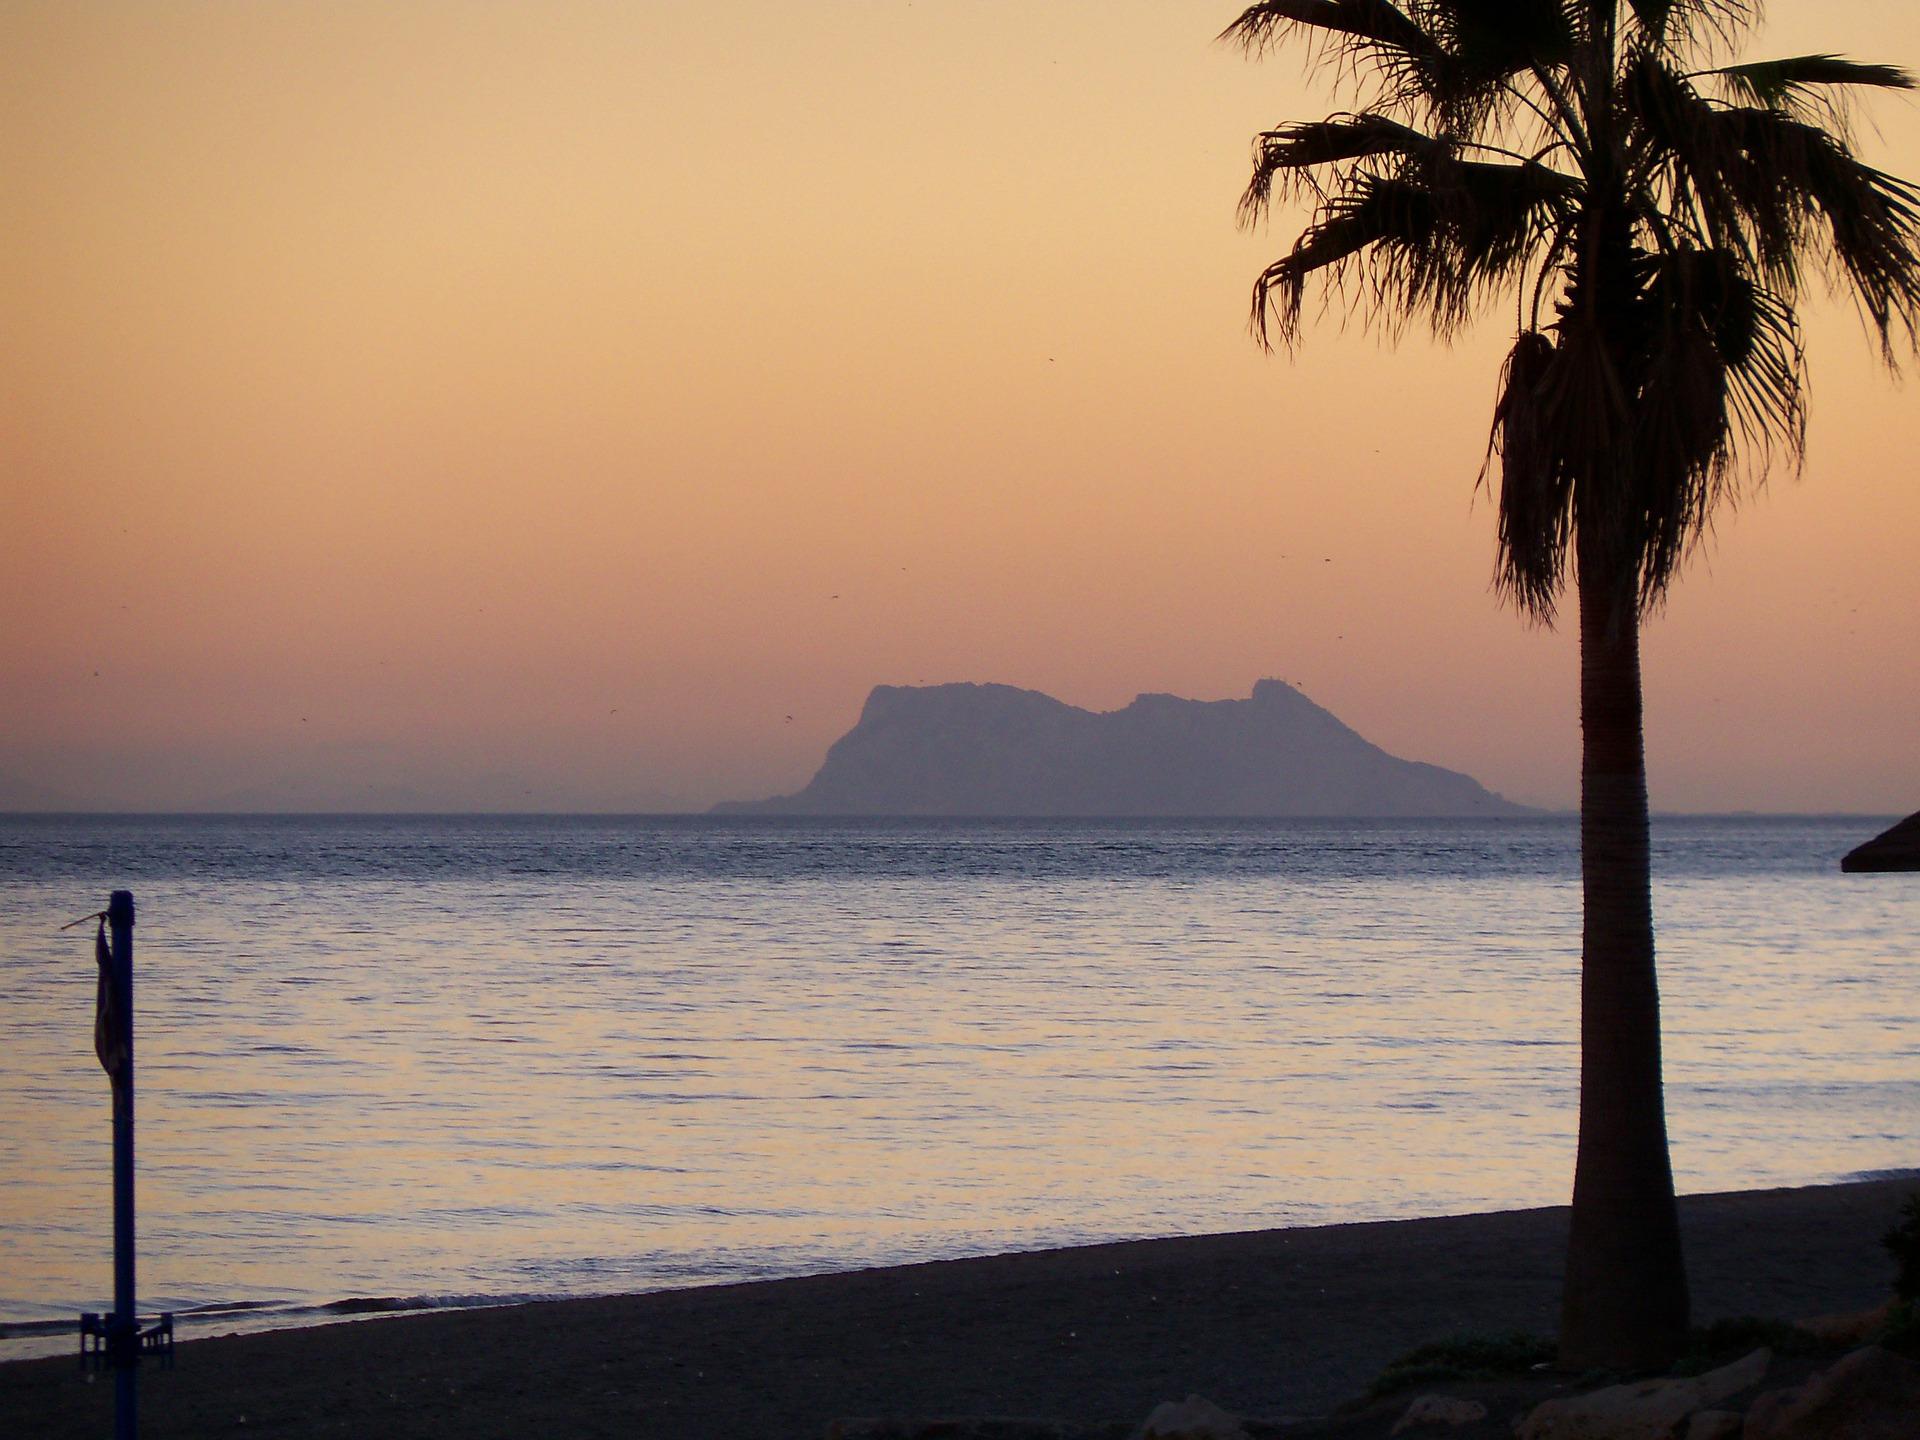 gibraltar-172650_1920.jpg